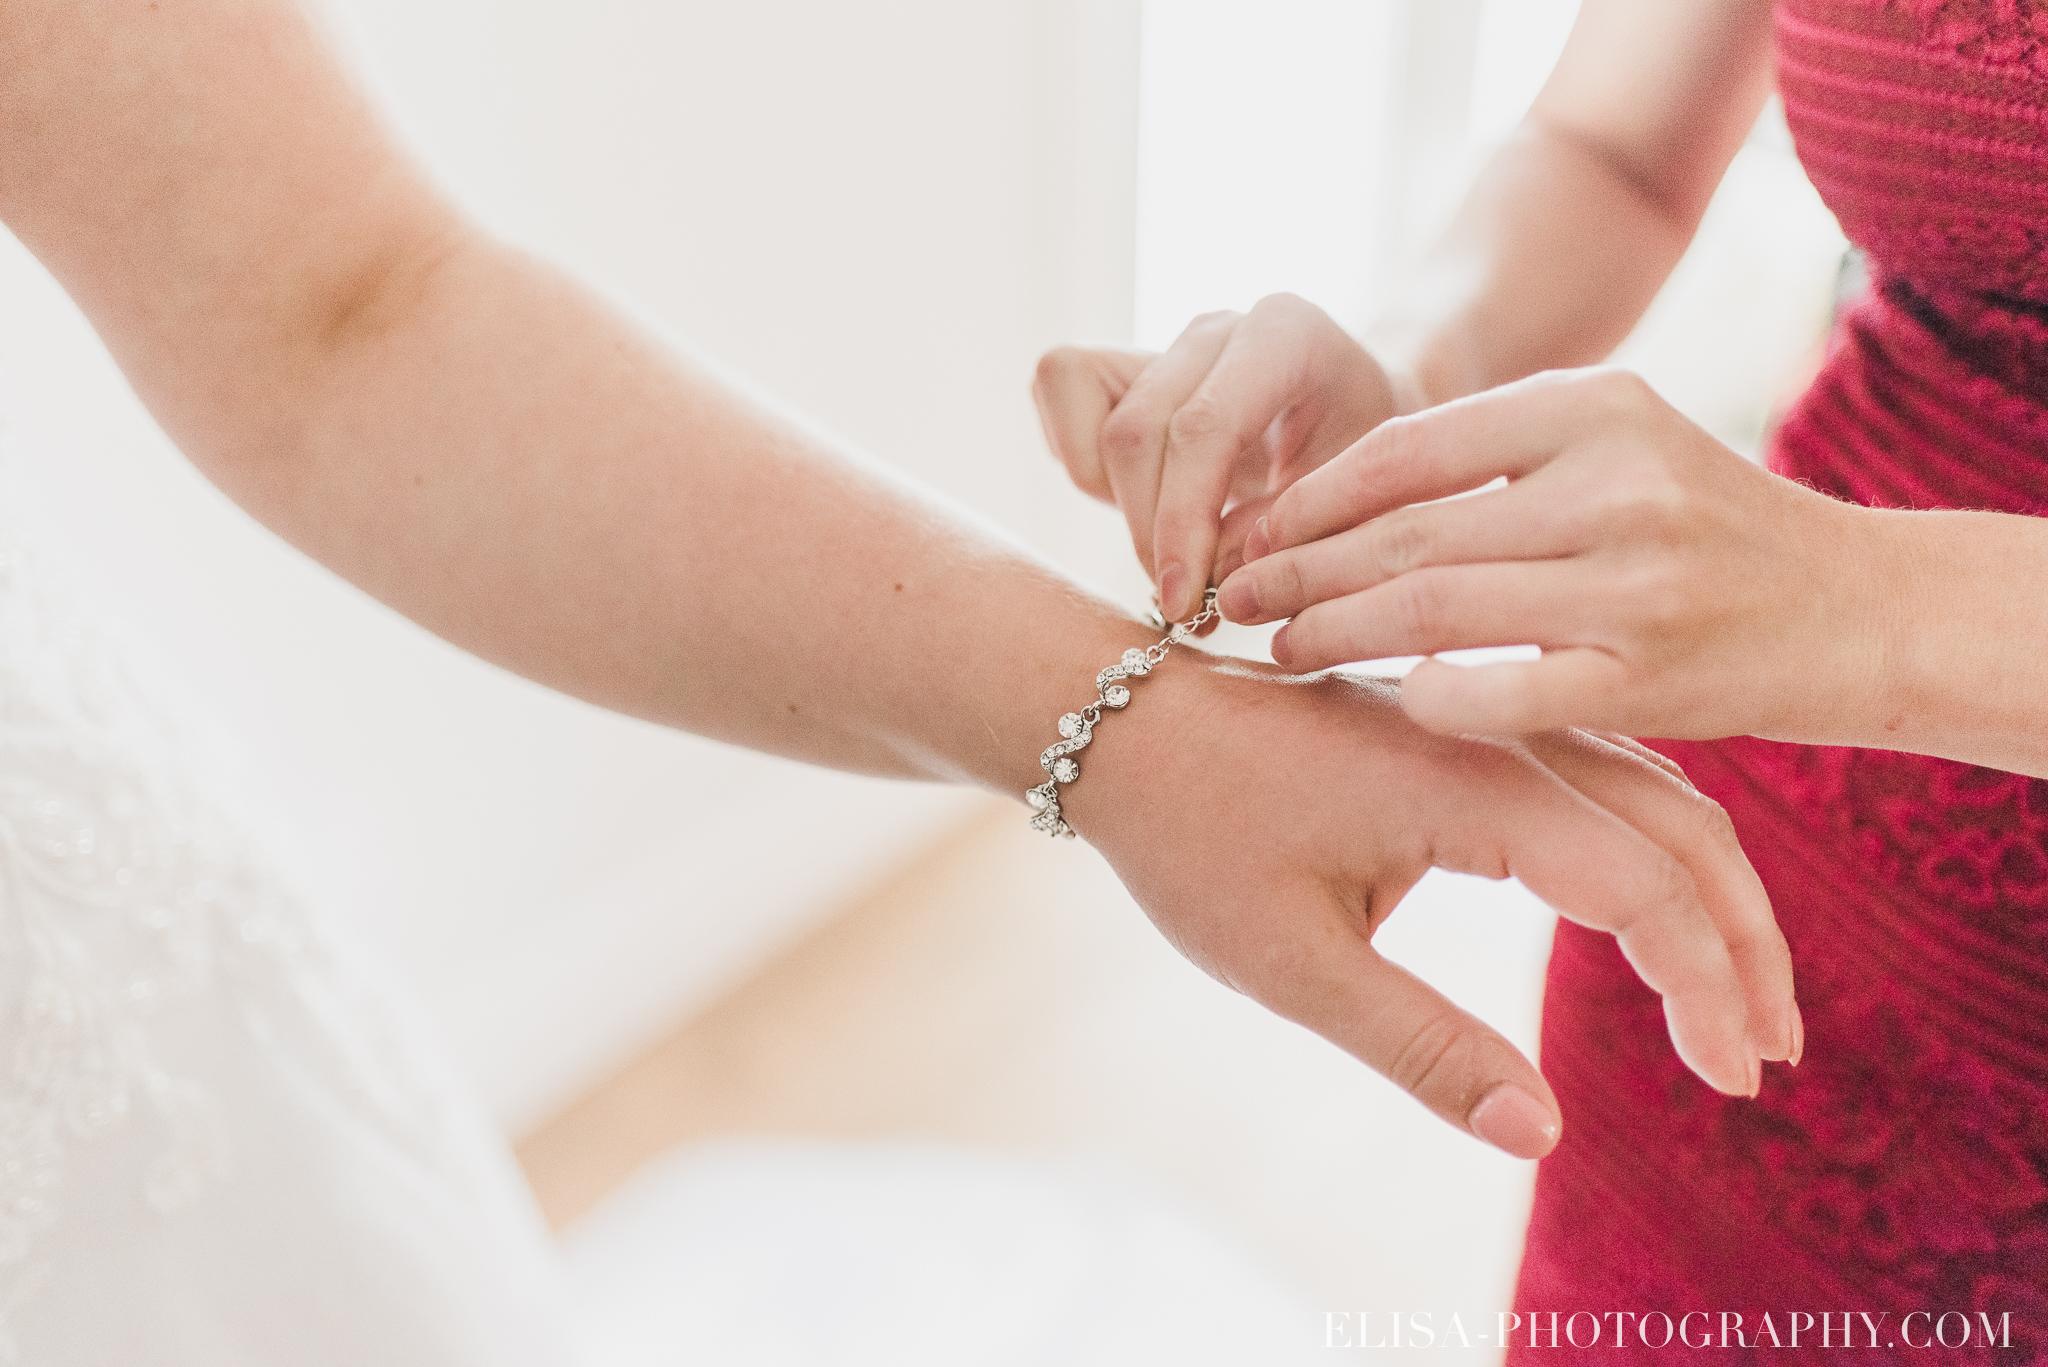 photo mariage quebec automne bracelet lumineuse 5163 - Mariage à saveur automnale à l'Espace Saint-Grégoire